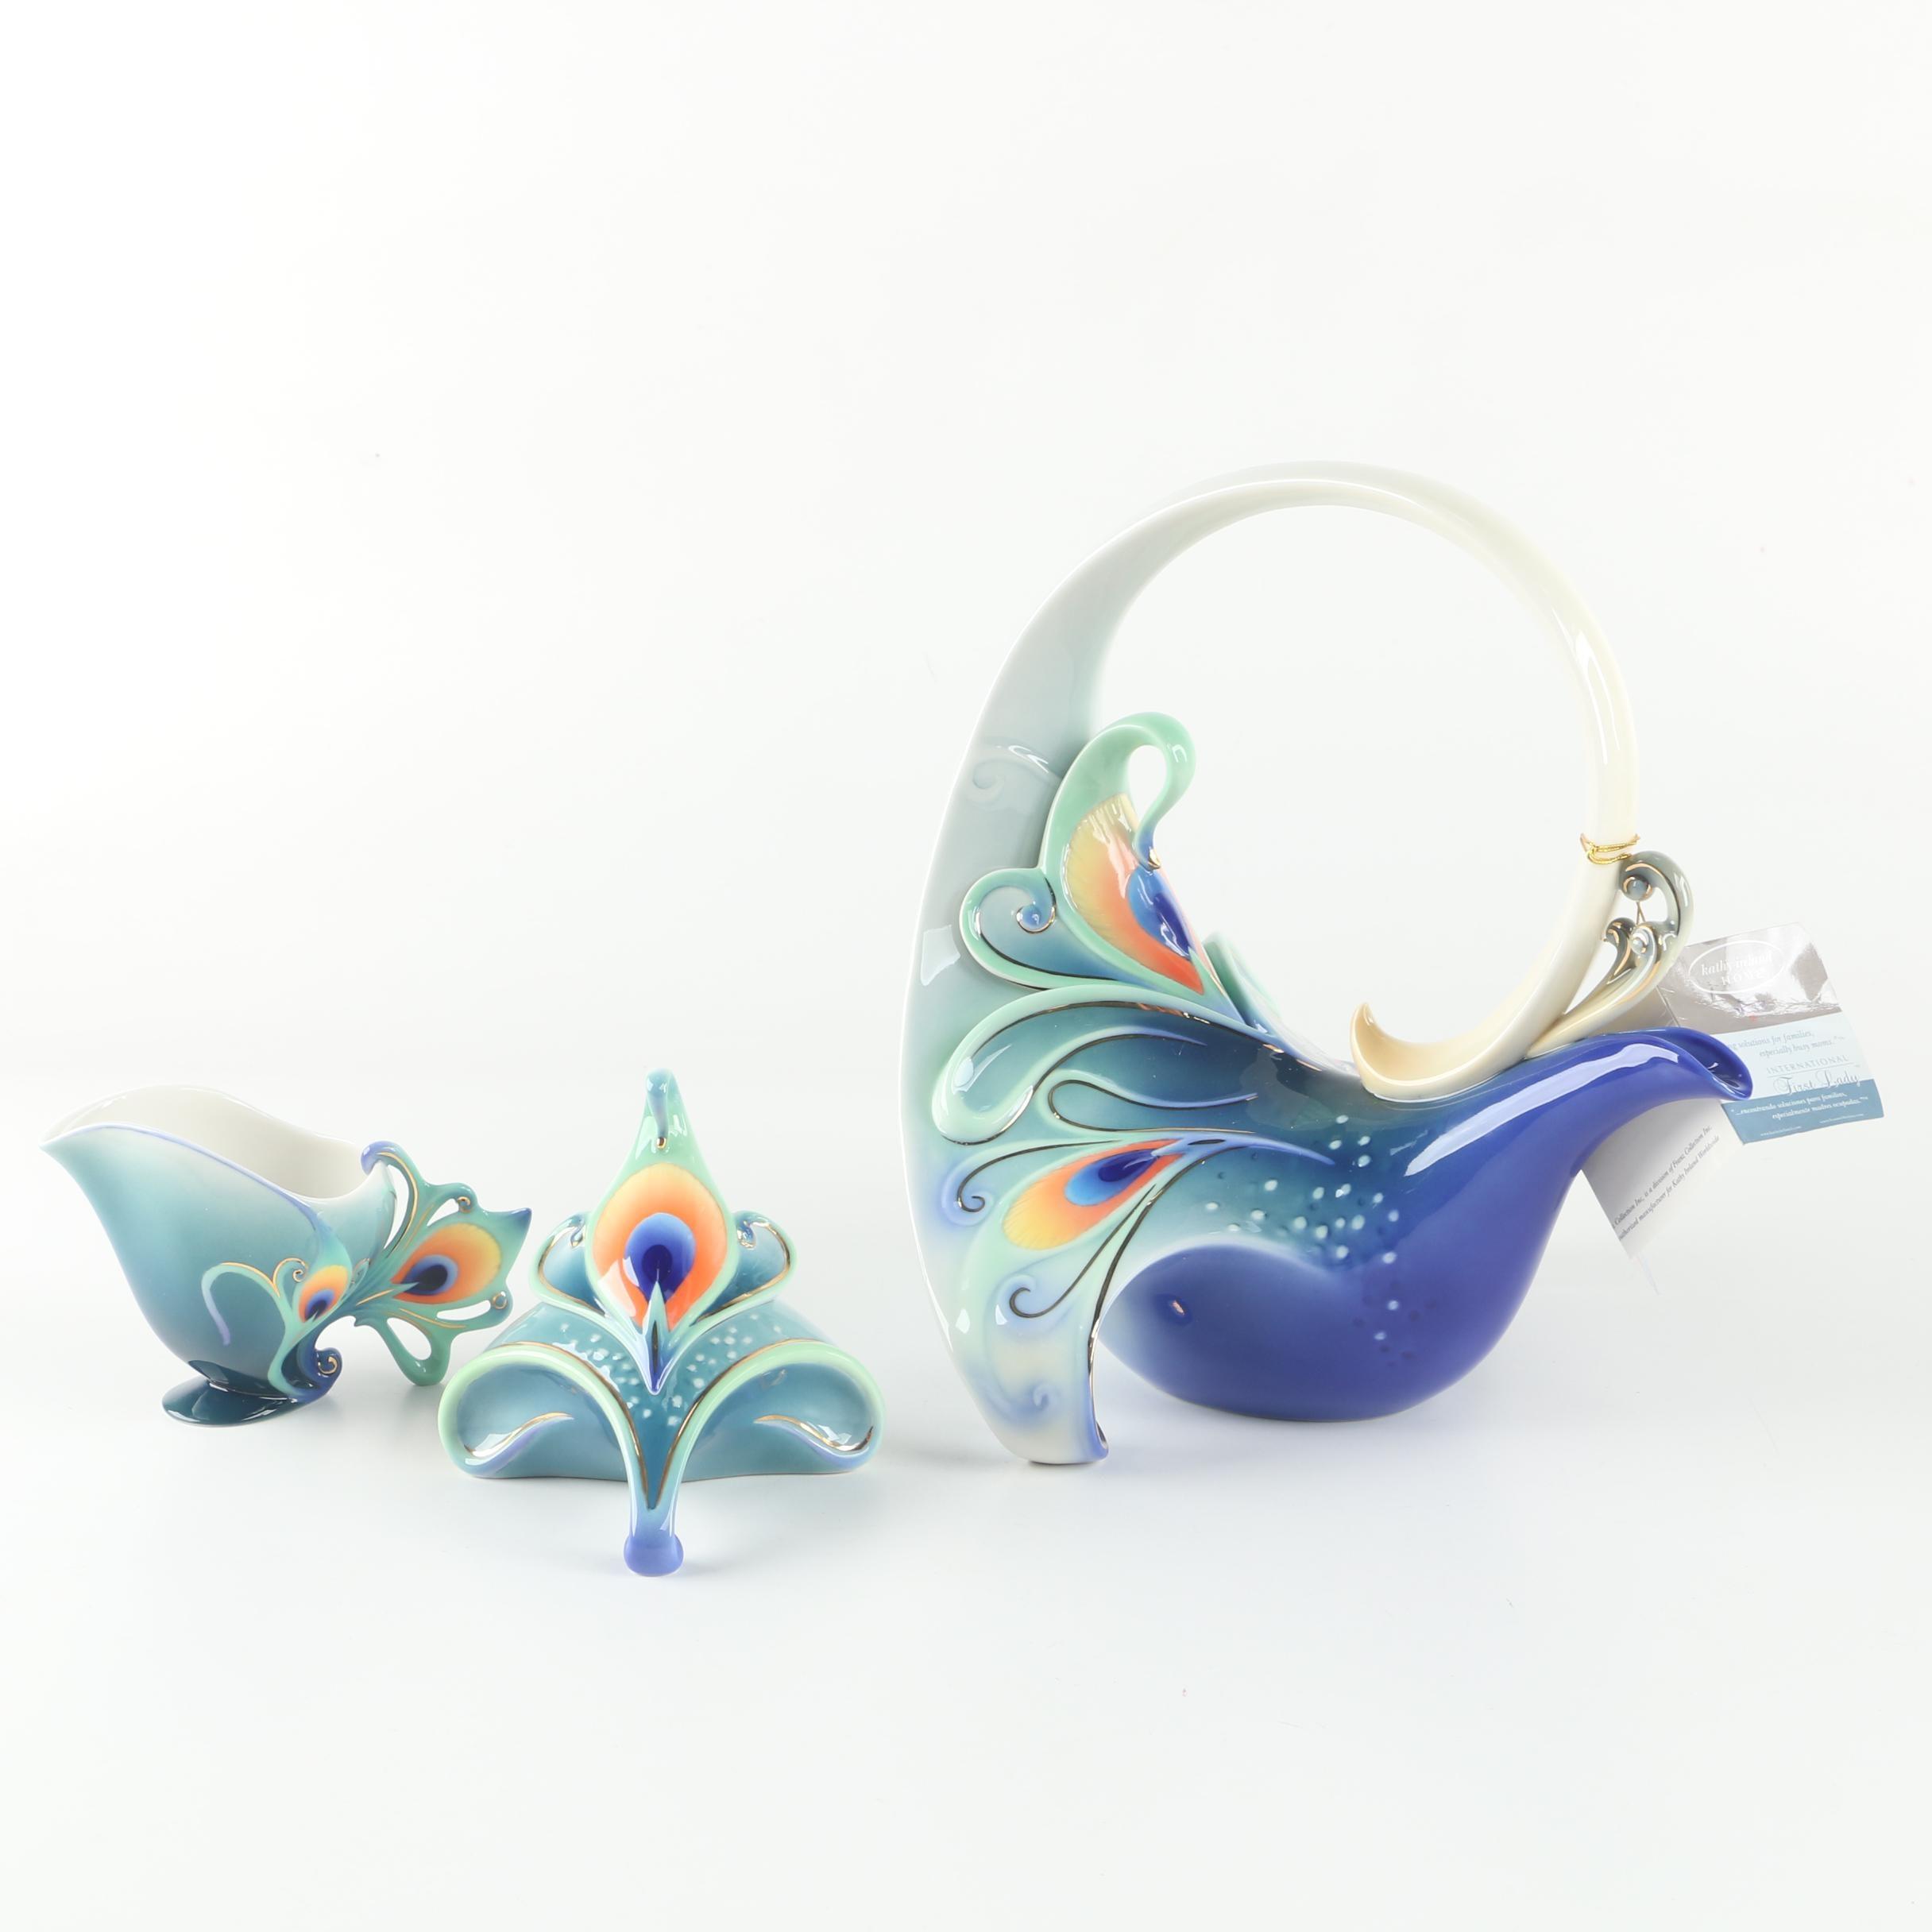 """Franz Collection for Kathy Ireland """"Peacock Splendor"""" Porcelain Tea Service"""